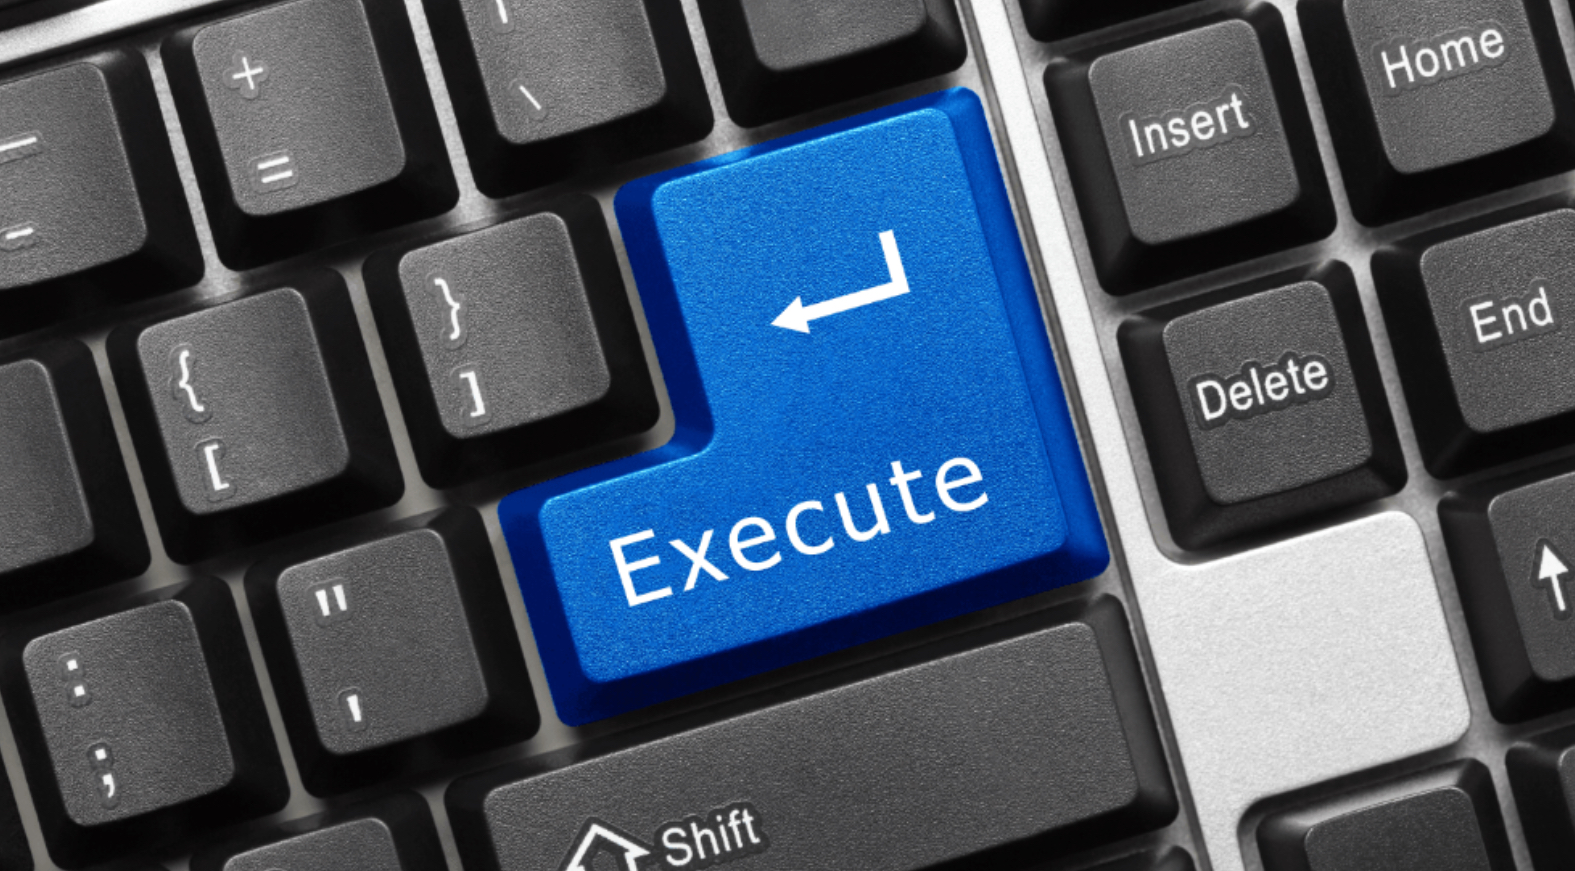 Execute